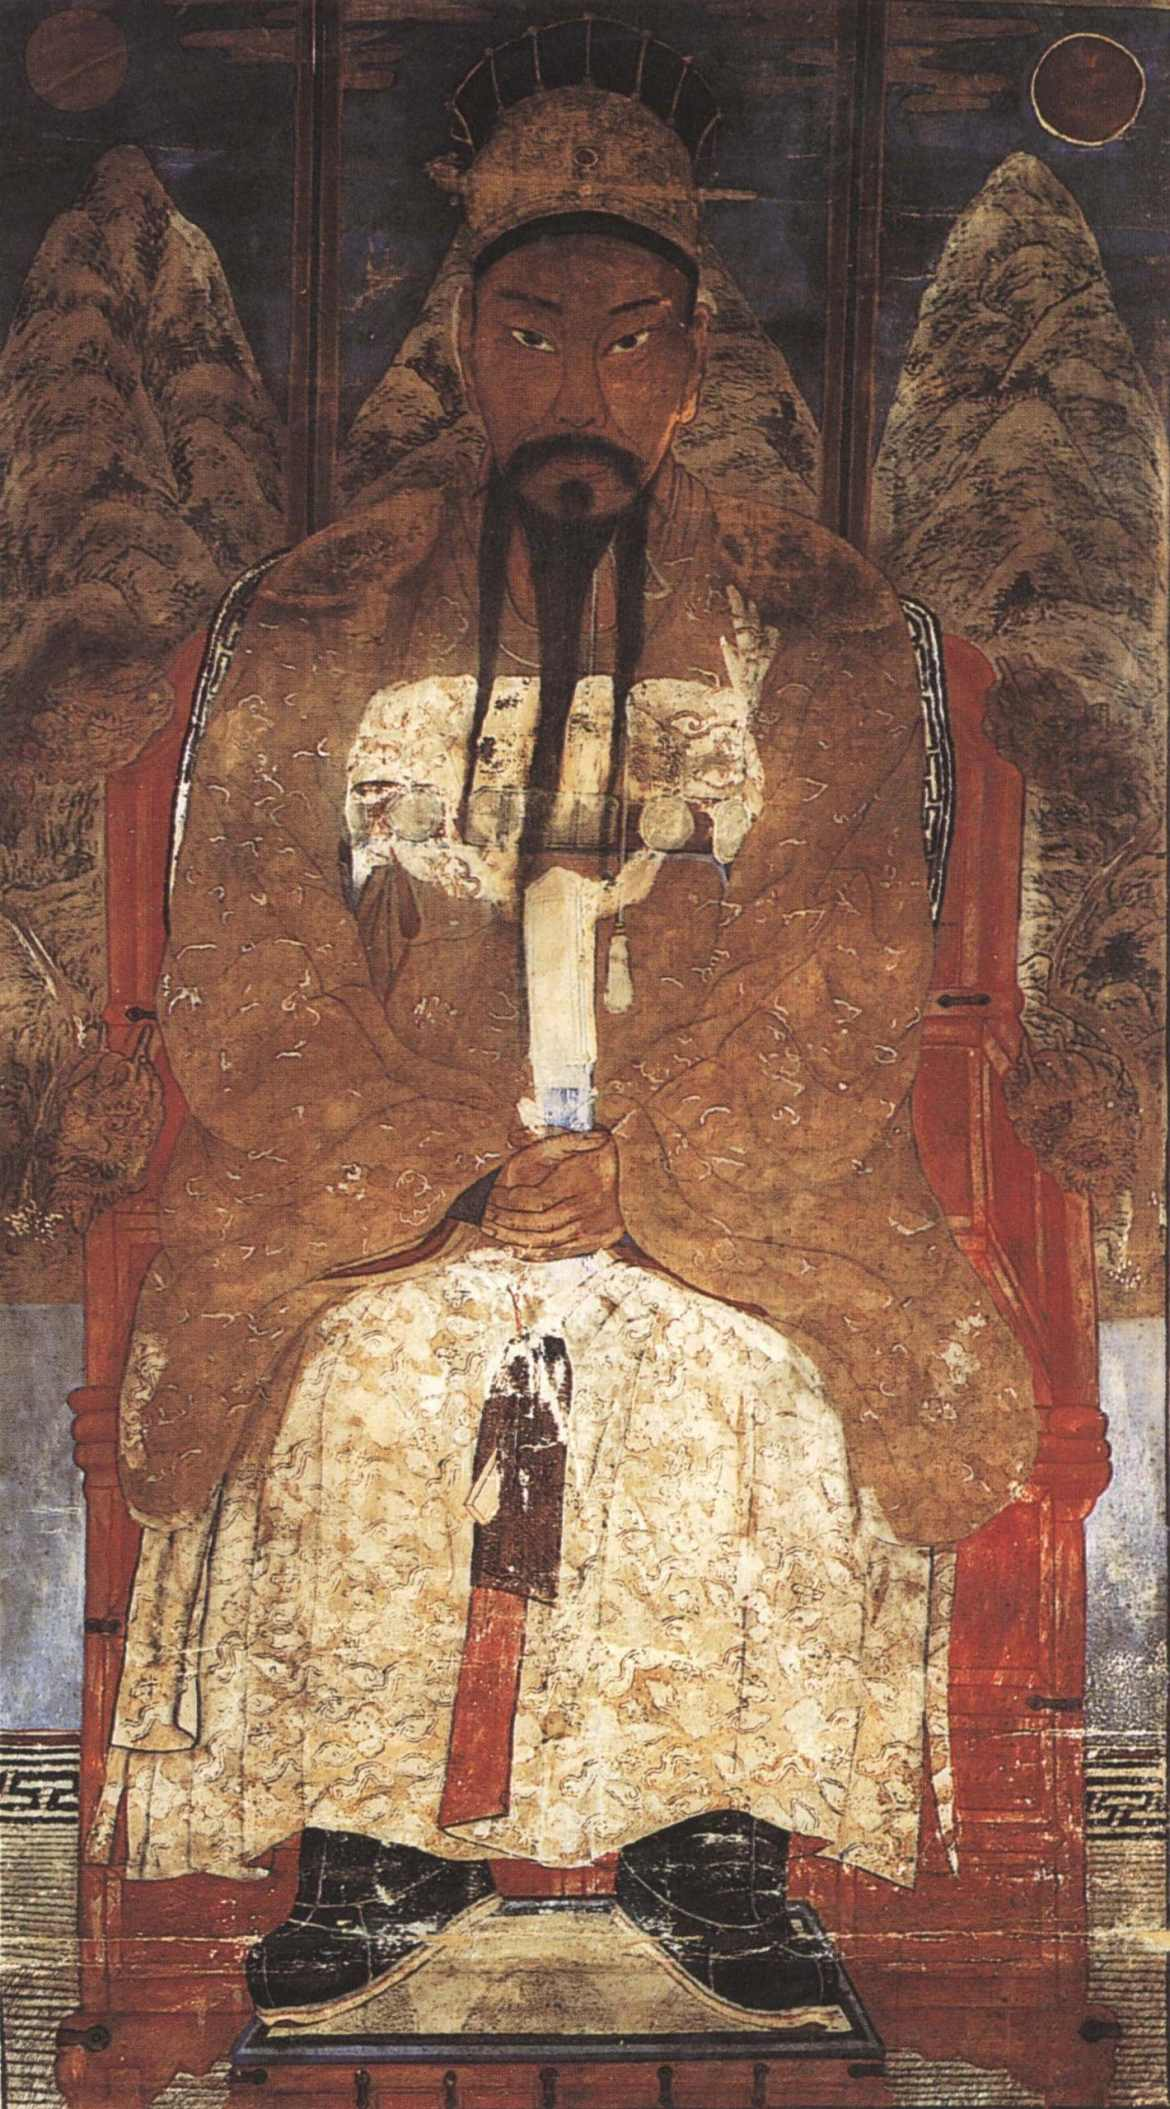 C'est une peinture de rouleau du XIXème siècle, créée par l'artiste Chae Yong-sin (채용신 ; en hanja : 蔡龍臣), qui présente Tangun en tant que roi, ceci dit Dangun Wanggeom (단군 왕검 ; en hanja : 檀君王儉).